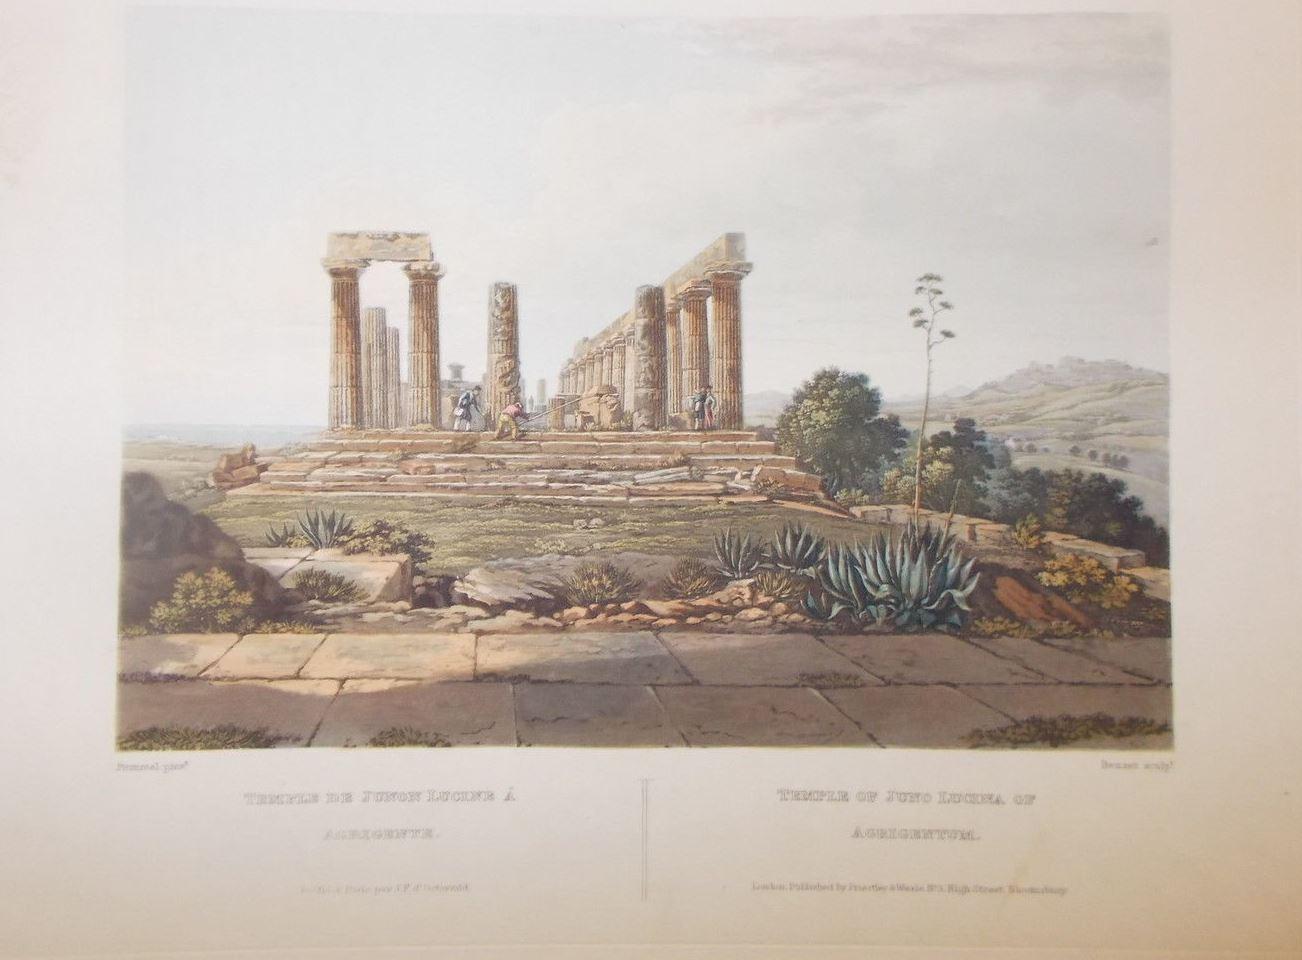 Il viaggio nella Valle dei Templi di Carl Grass all'inizio del secolo XIX